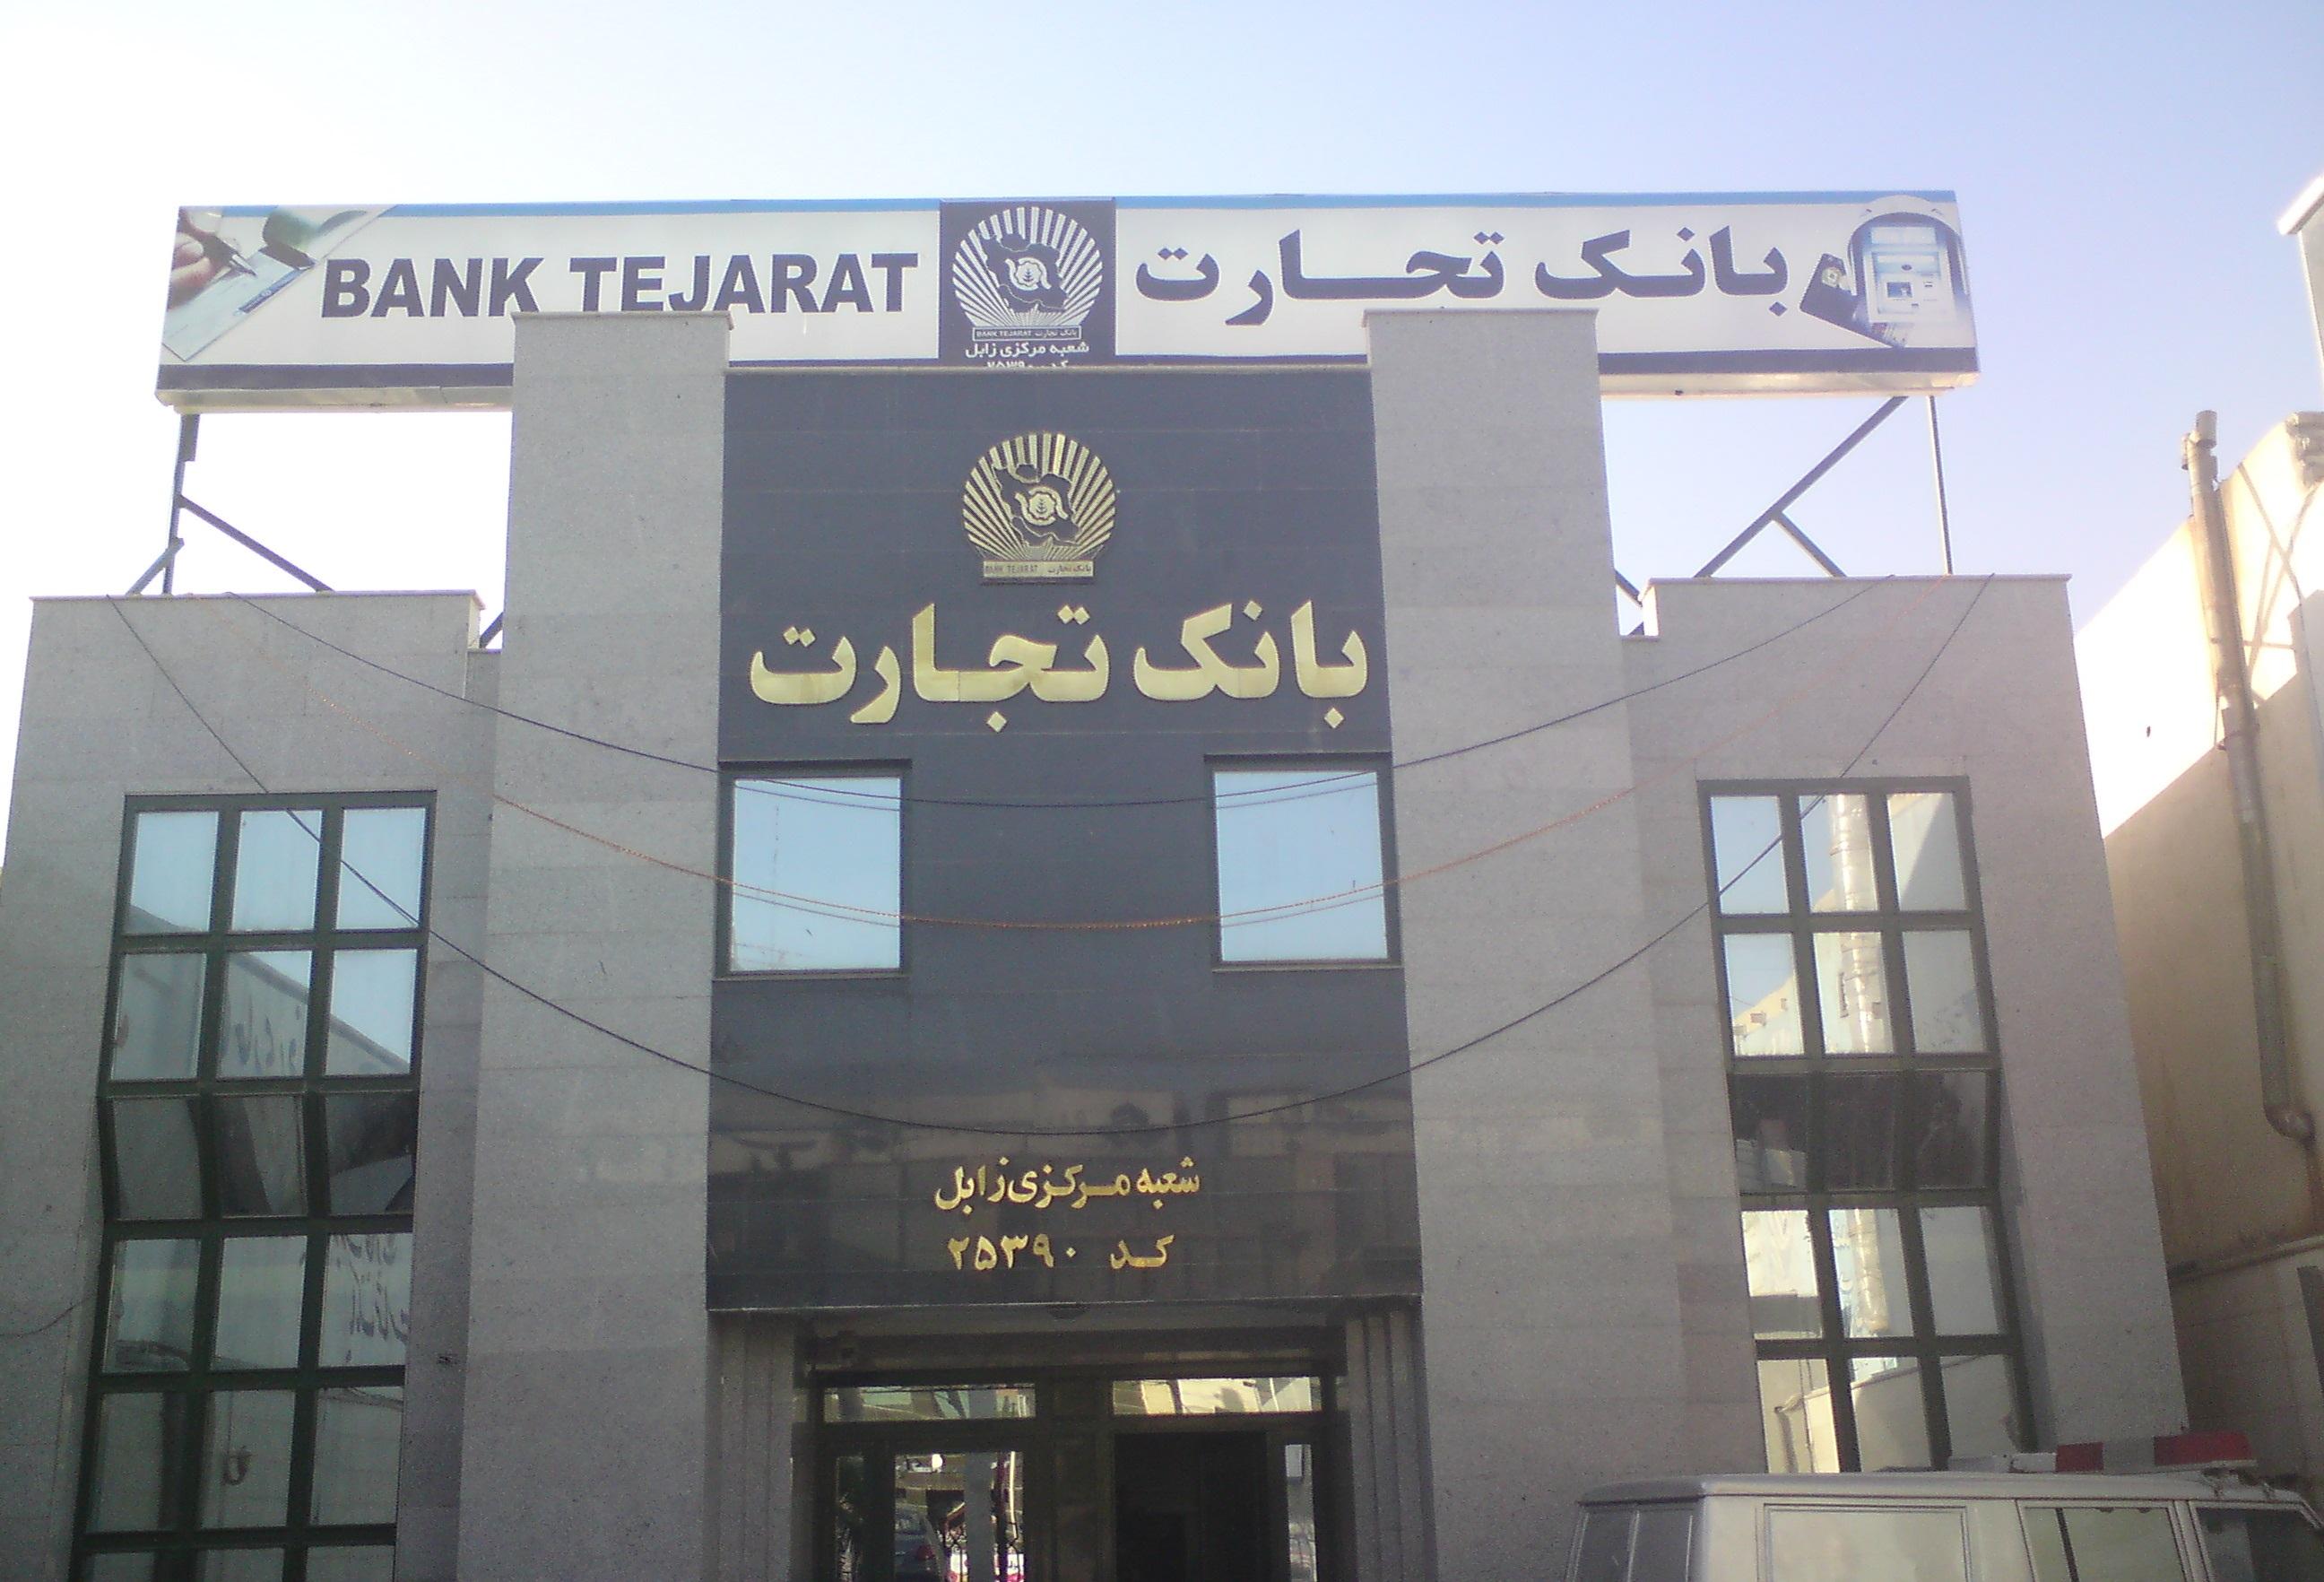 مزایده بانک تجارت جهت فروش سهام فرآوردههای غذایی و قند یاسوج